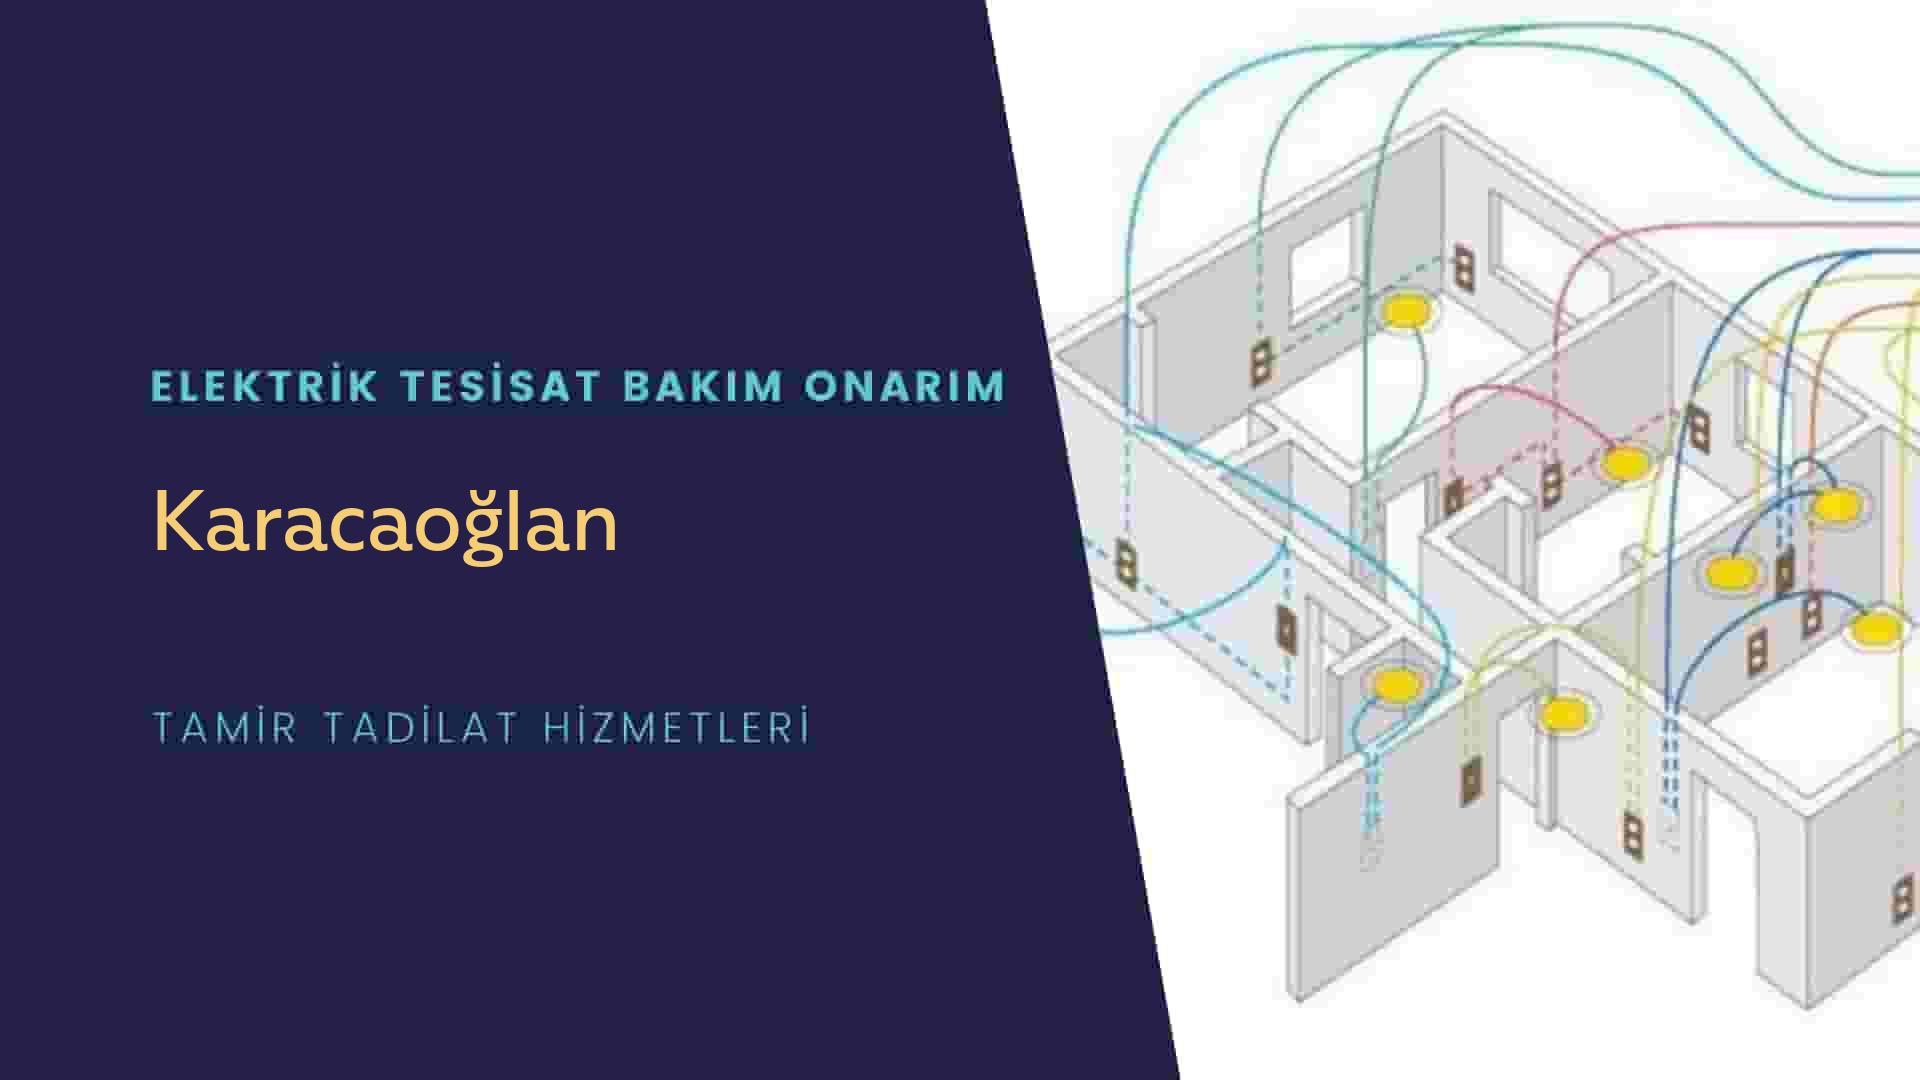 Karacaoğlan'da elektrik tesisatıustalarımı arıyorsunuz doğru adrestenizi Karacaoğlan elektrik tesisatı ustalarımız 7/24 sizlere hizmet vermekten mutluluk duyar.